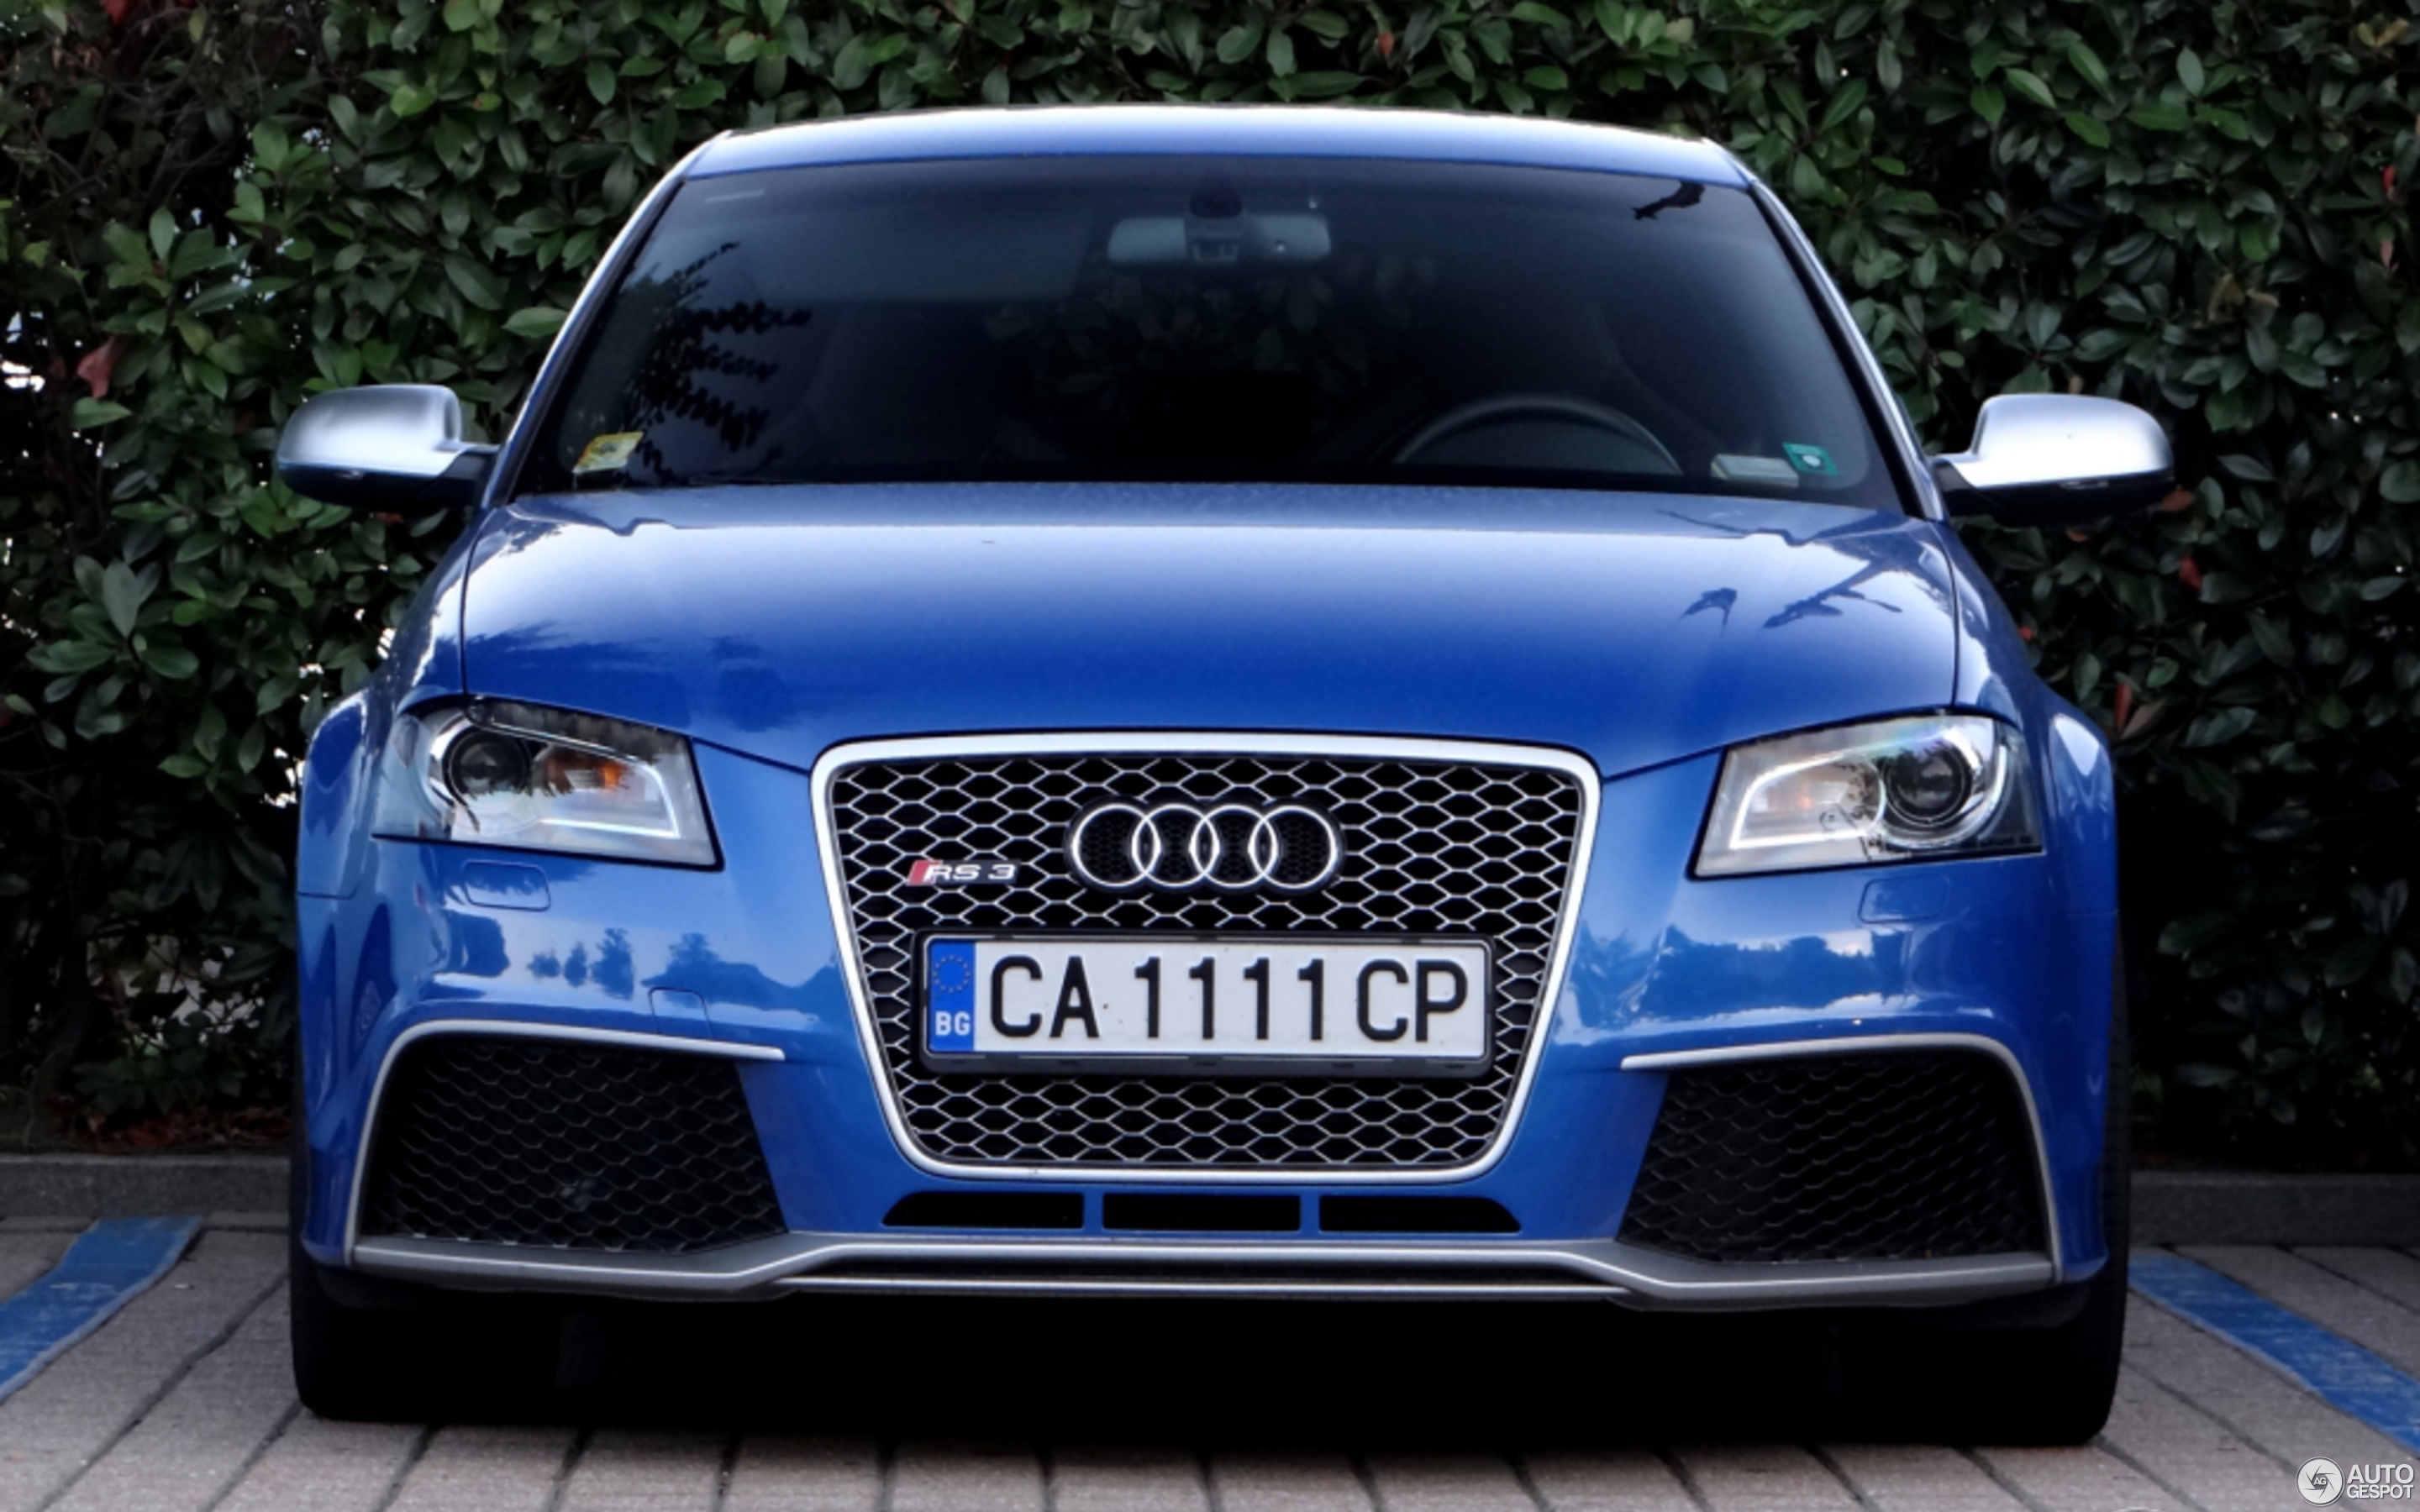 Kelebihan Kekurangan Audi Rs3 2012 Perbandingan Harga